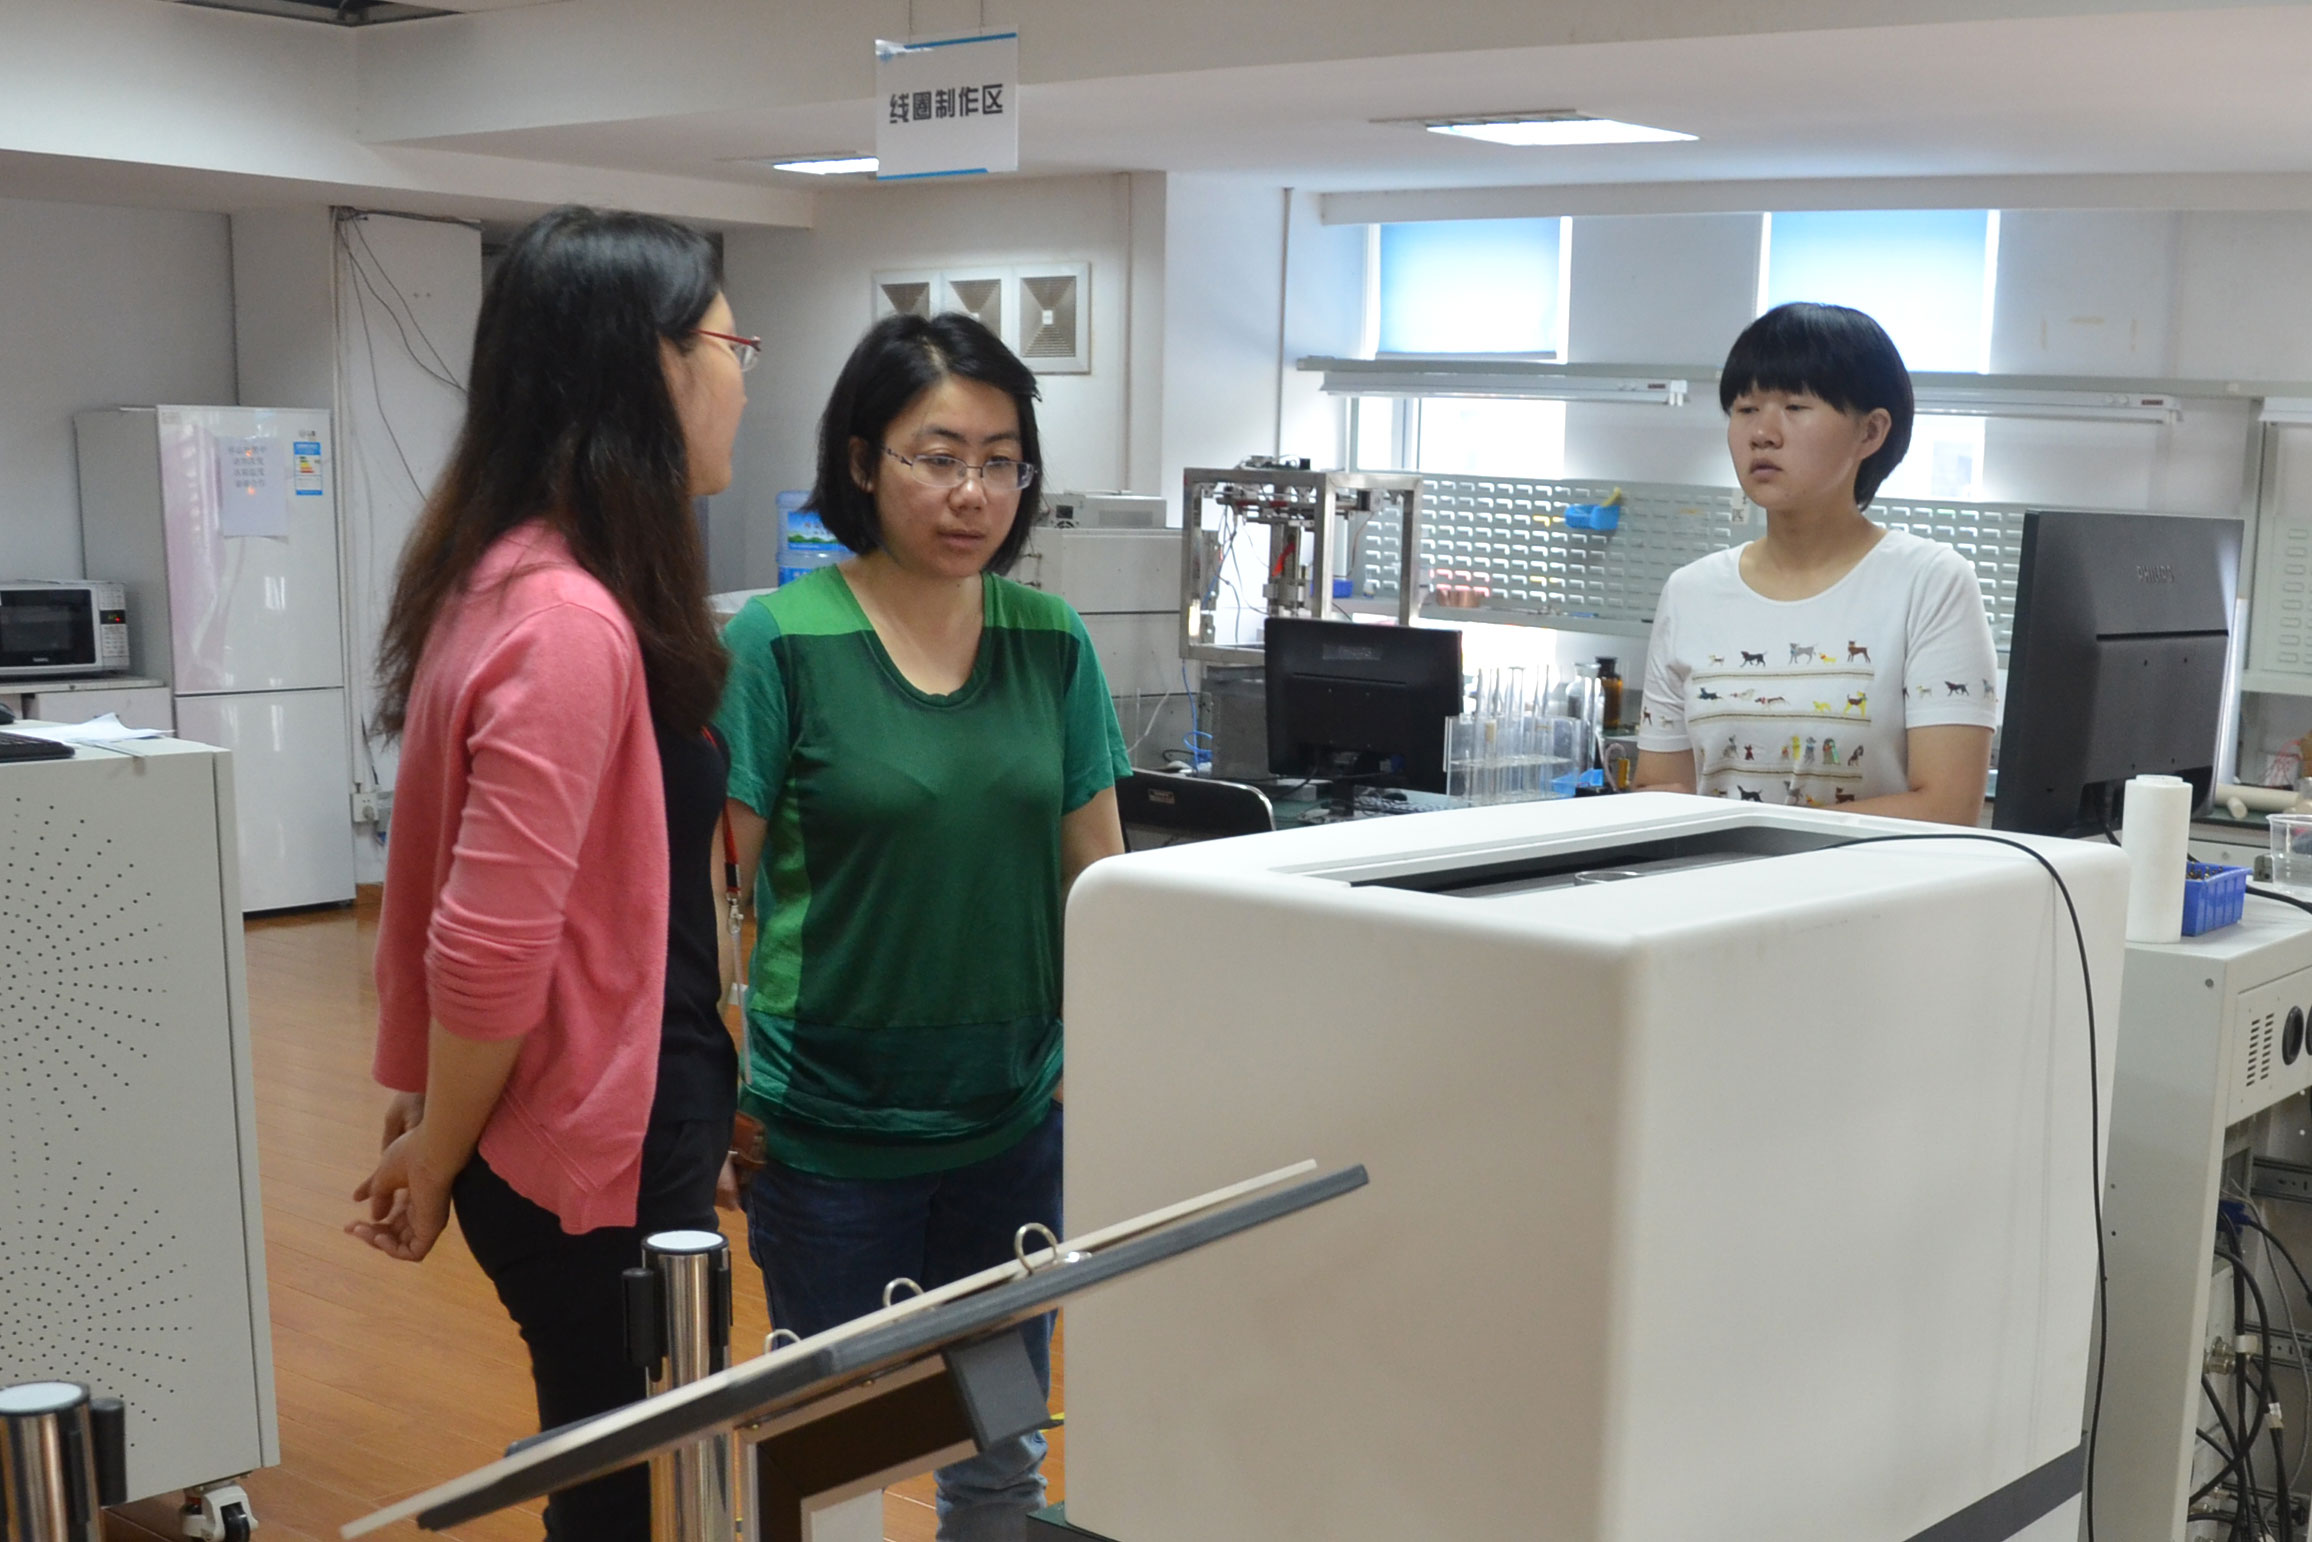 S201506期核磁共振技术与应用高级培训班顺利结束